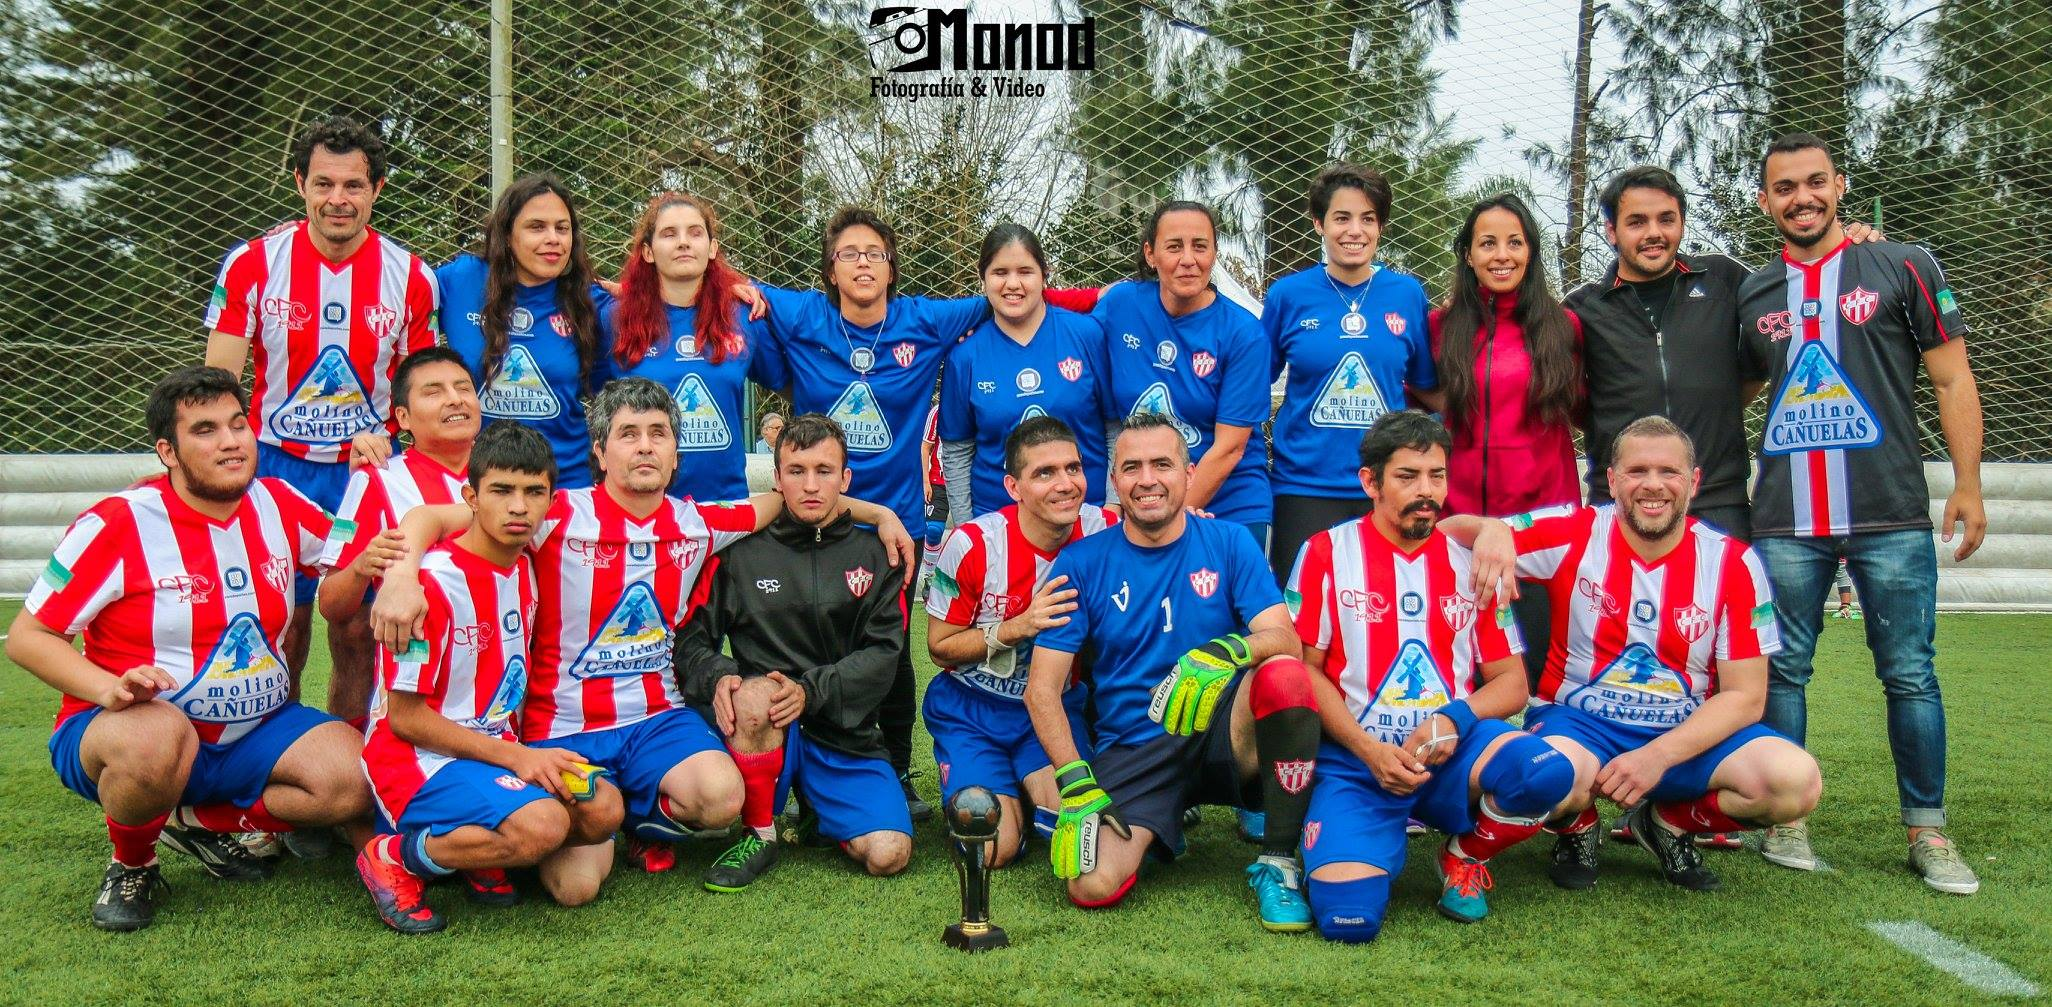 Paradeportes Cañuelas FC presentó su equipo femenino de fútbol para ciegos